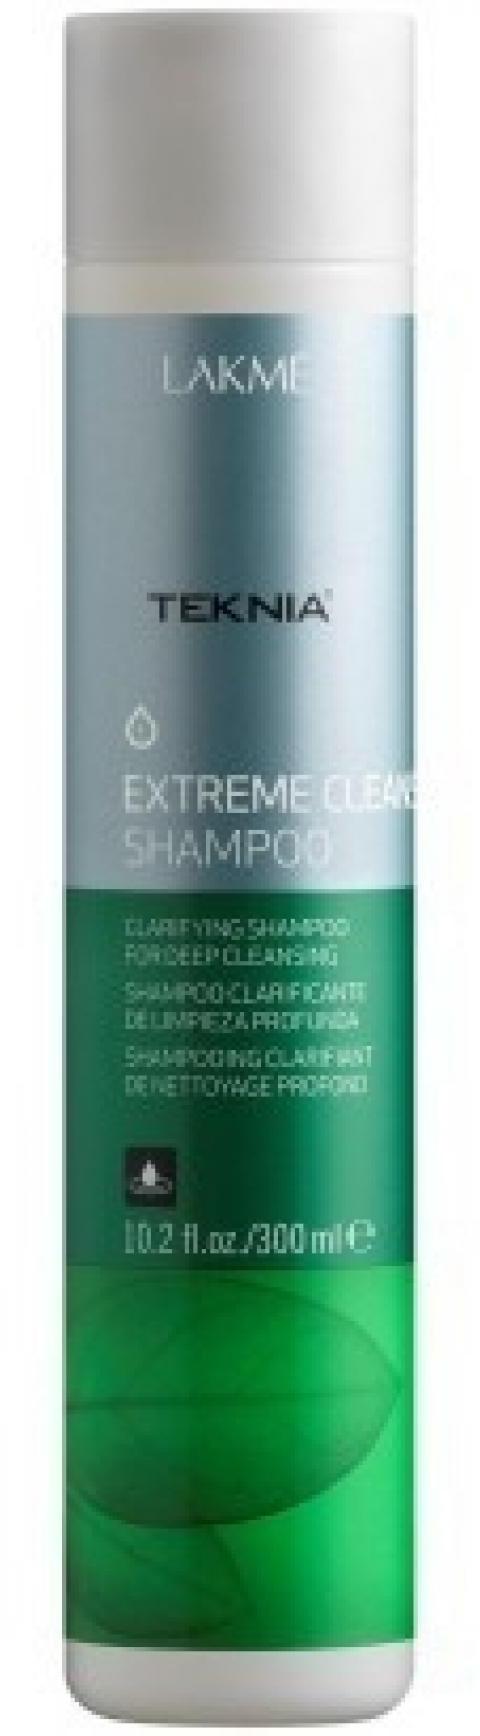 Lakme Шампунь для глубокого очищения Shampoo, 100 мл47313Обогащенный фруктовыми кислотами и экстрактом зеленого чая, он придает волосам естественный блеск и мягкость. Вытяжка из плодов индийского каштана оказывает вяжущее, антисептическое действие и обеспечивает глубокое очищение , как волос, так и кожи головы. Мягкая формула эффективно удаляет остатки укладочных средств и запахи, не вызывает раздражения. Входящий в состав ментол, мгновенно дает ощущение свежести.Шампунь для глубокого очищения Lakme Teknia Extreme Cleanse Shampoo содержит WAA™ – комплекс растительных аминокислот, ухаживающий за волосами и оказывающий глубокое воздействие изнутри. Идеально подходит для очень жирных волос.